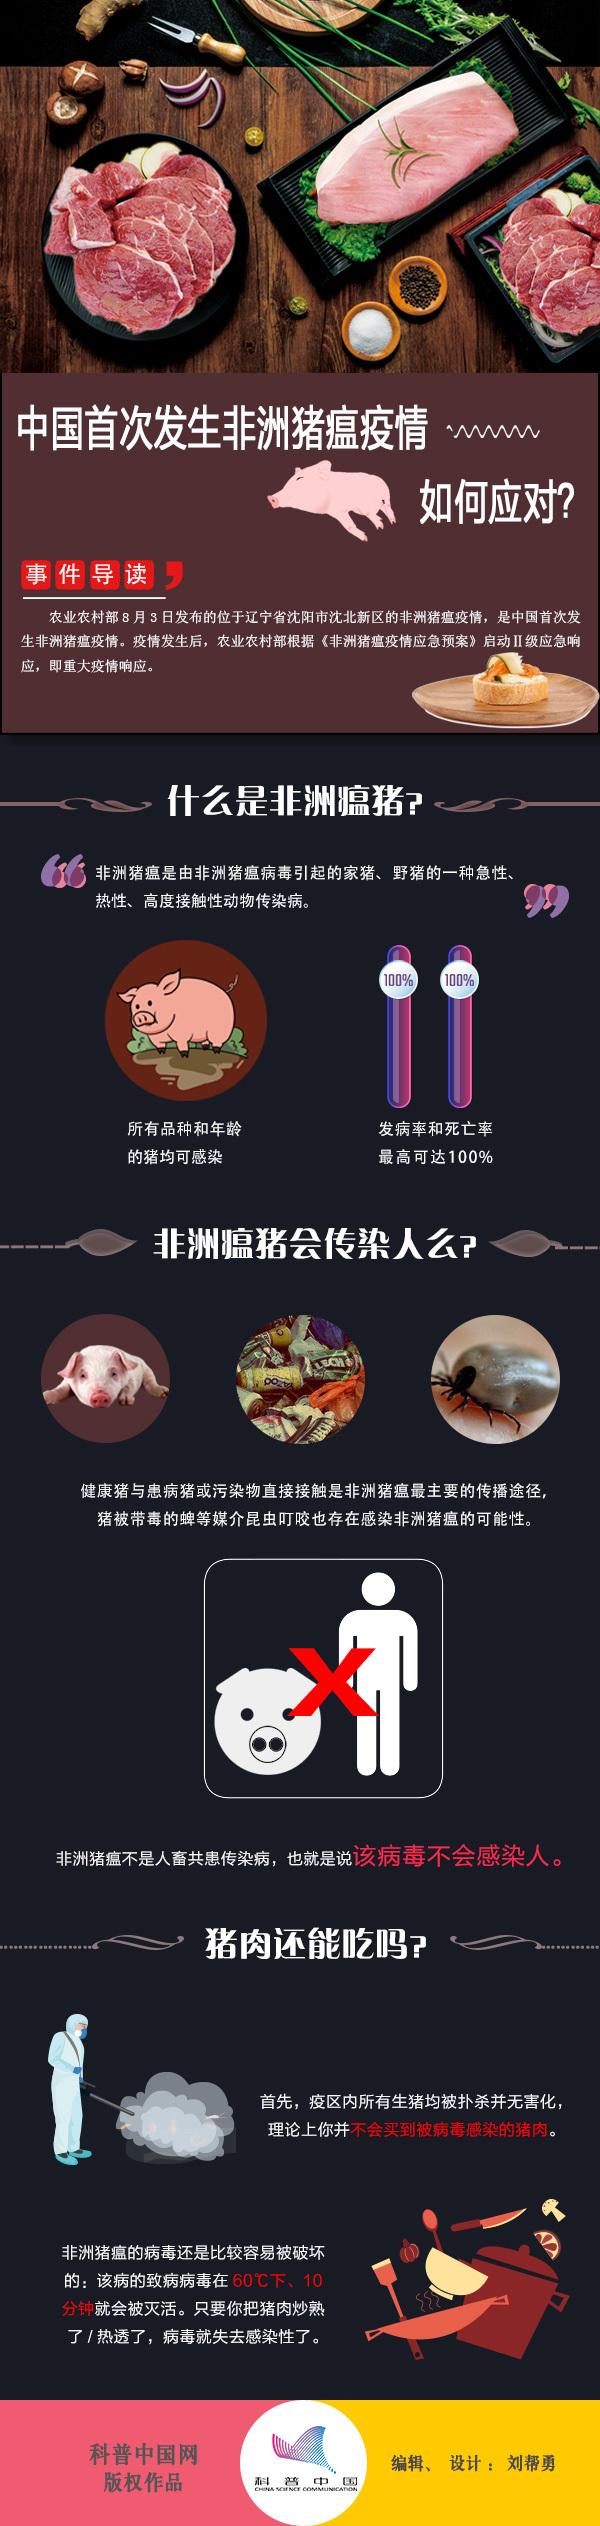 中国首次发生非洲猪瘟疫情,我们该如何应对?